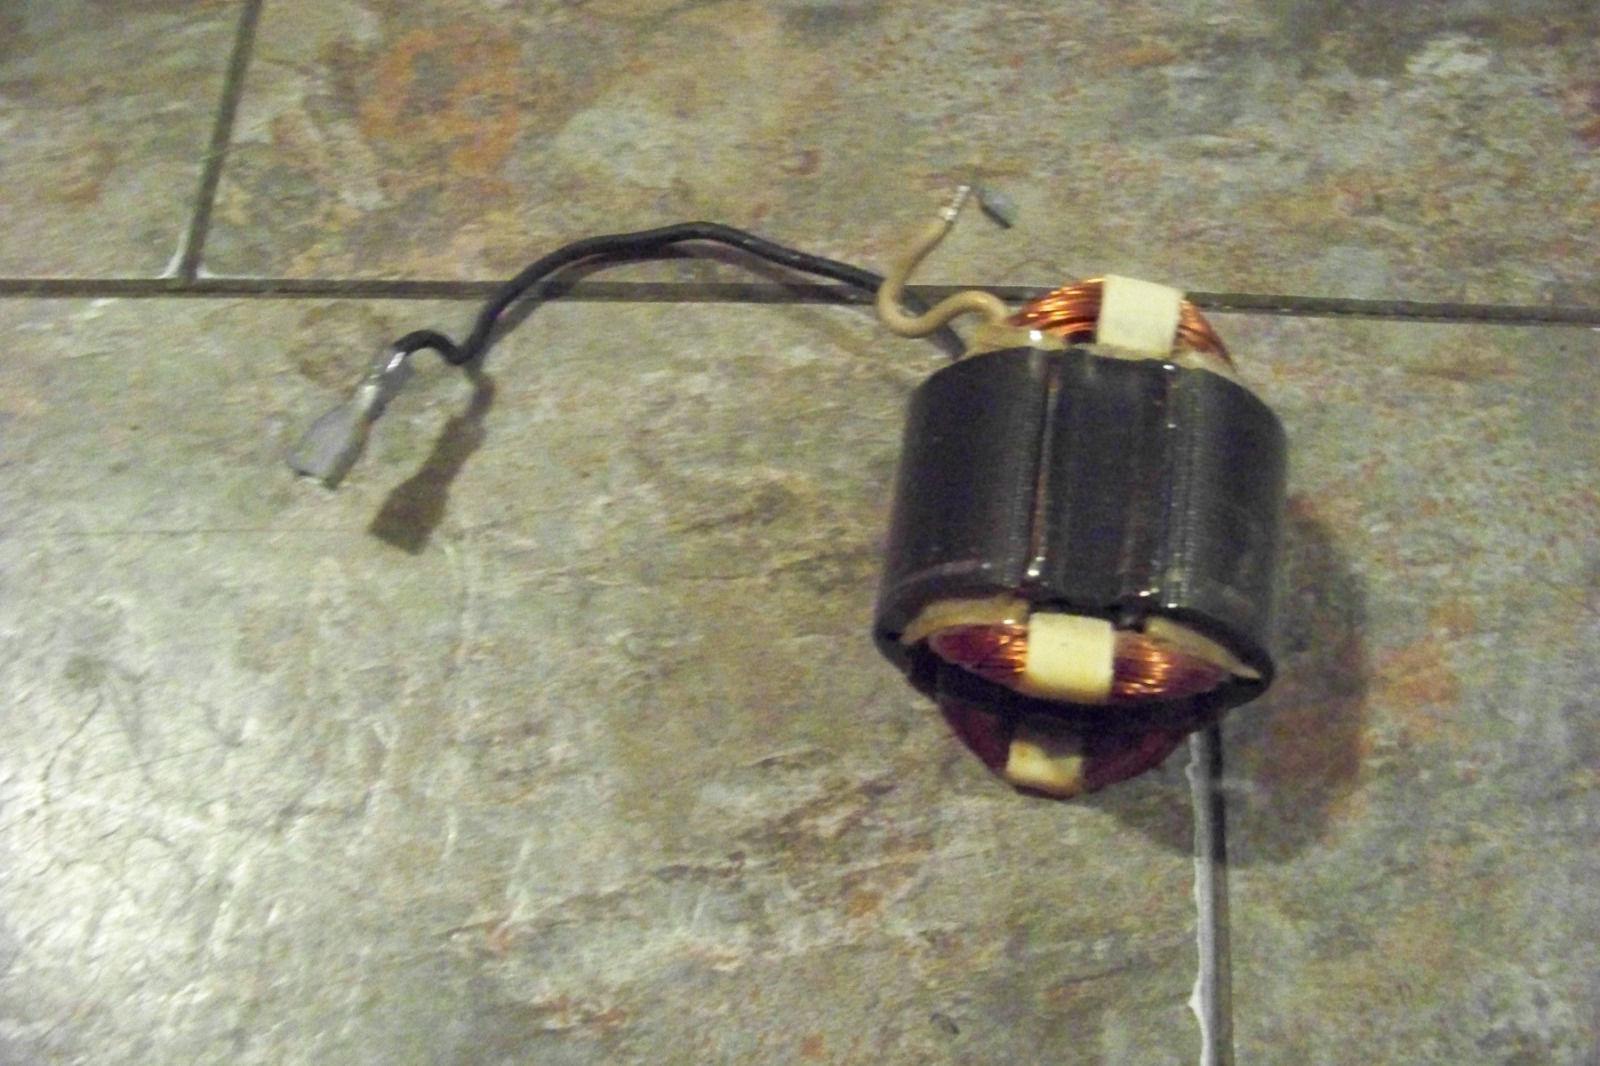 Porter Cable 444 Sander